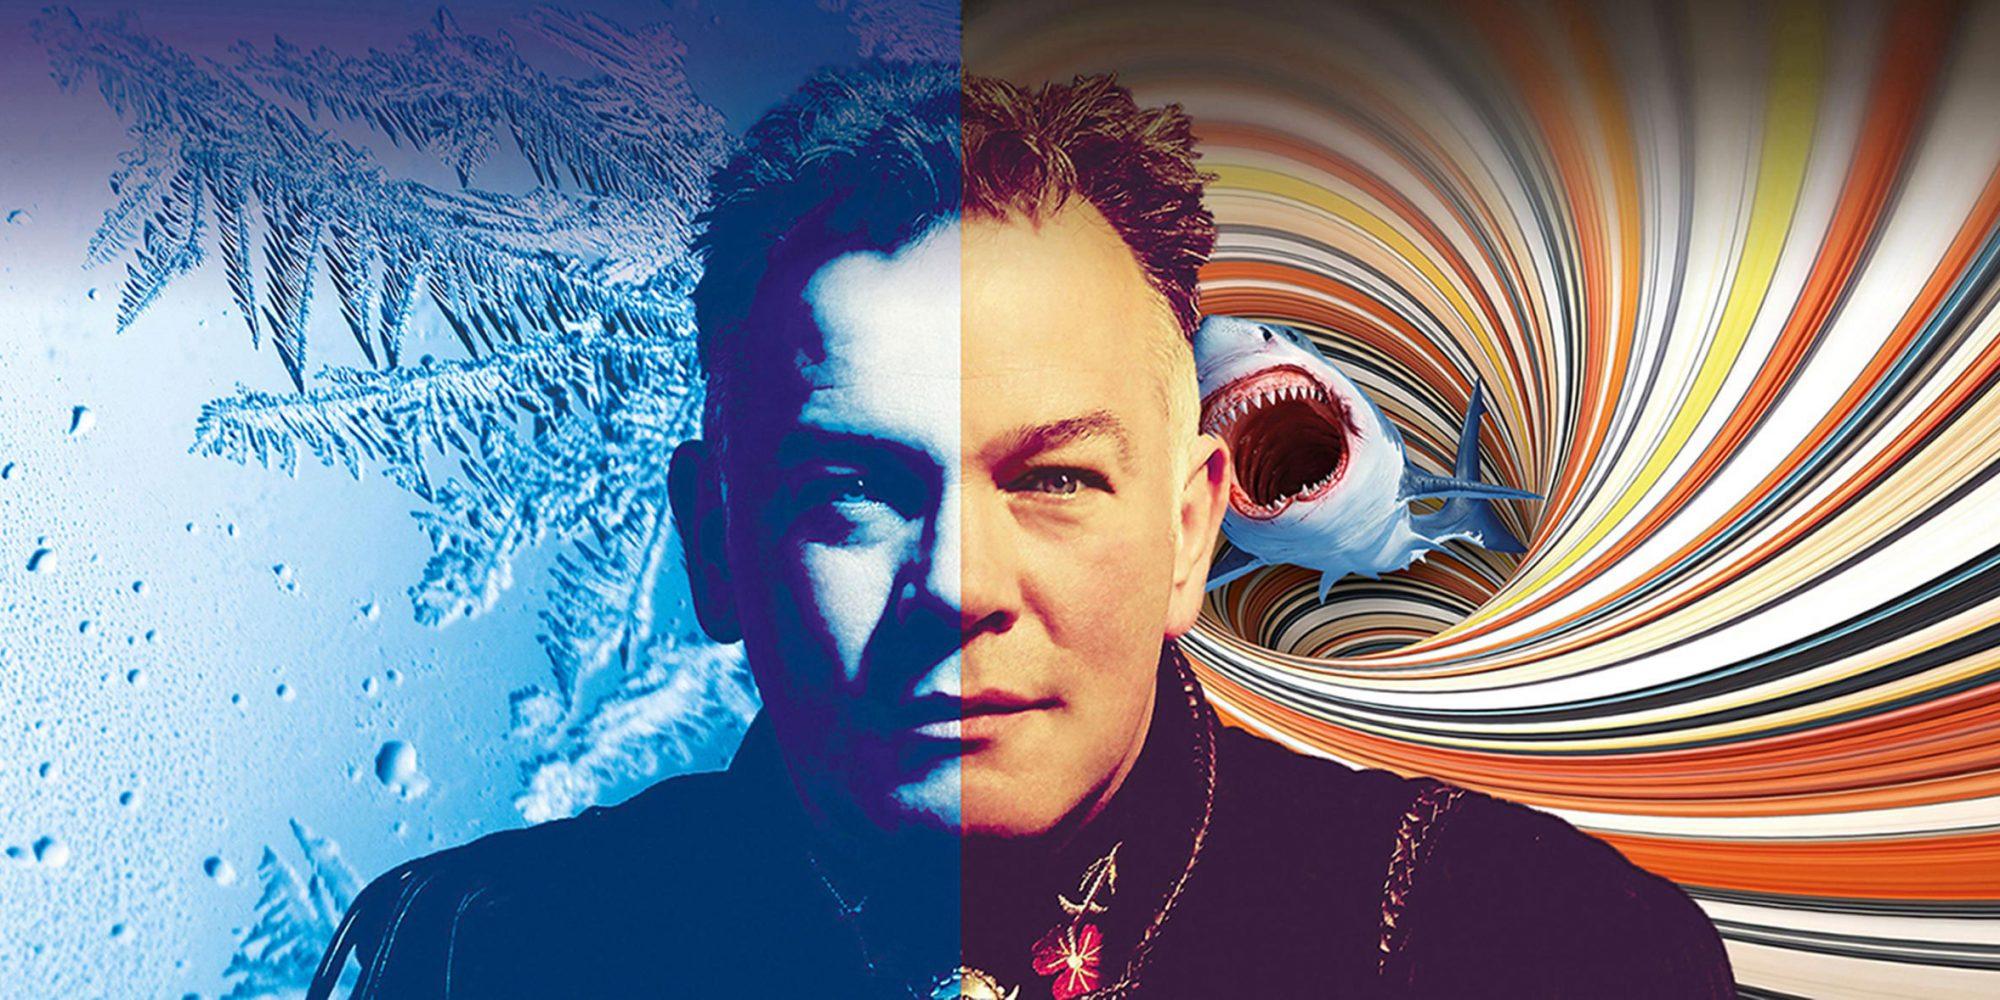 Stewart Lee: Snowflake/Tornado